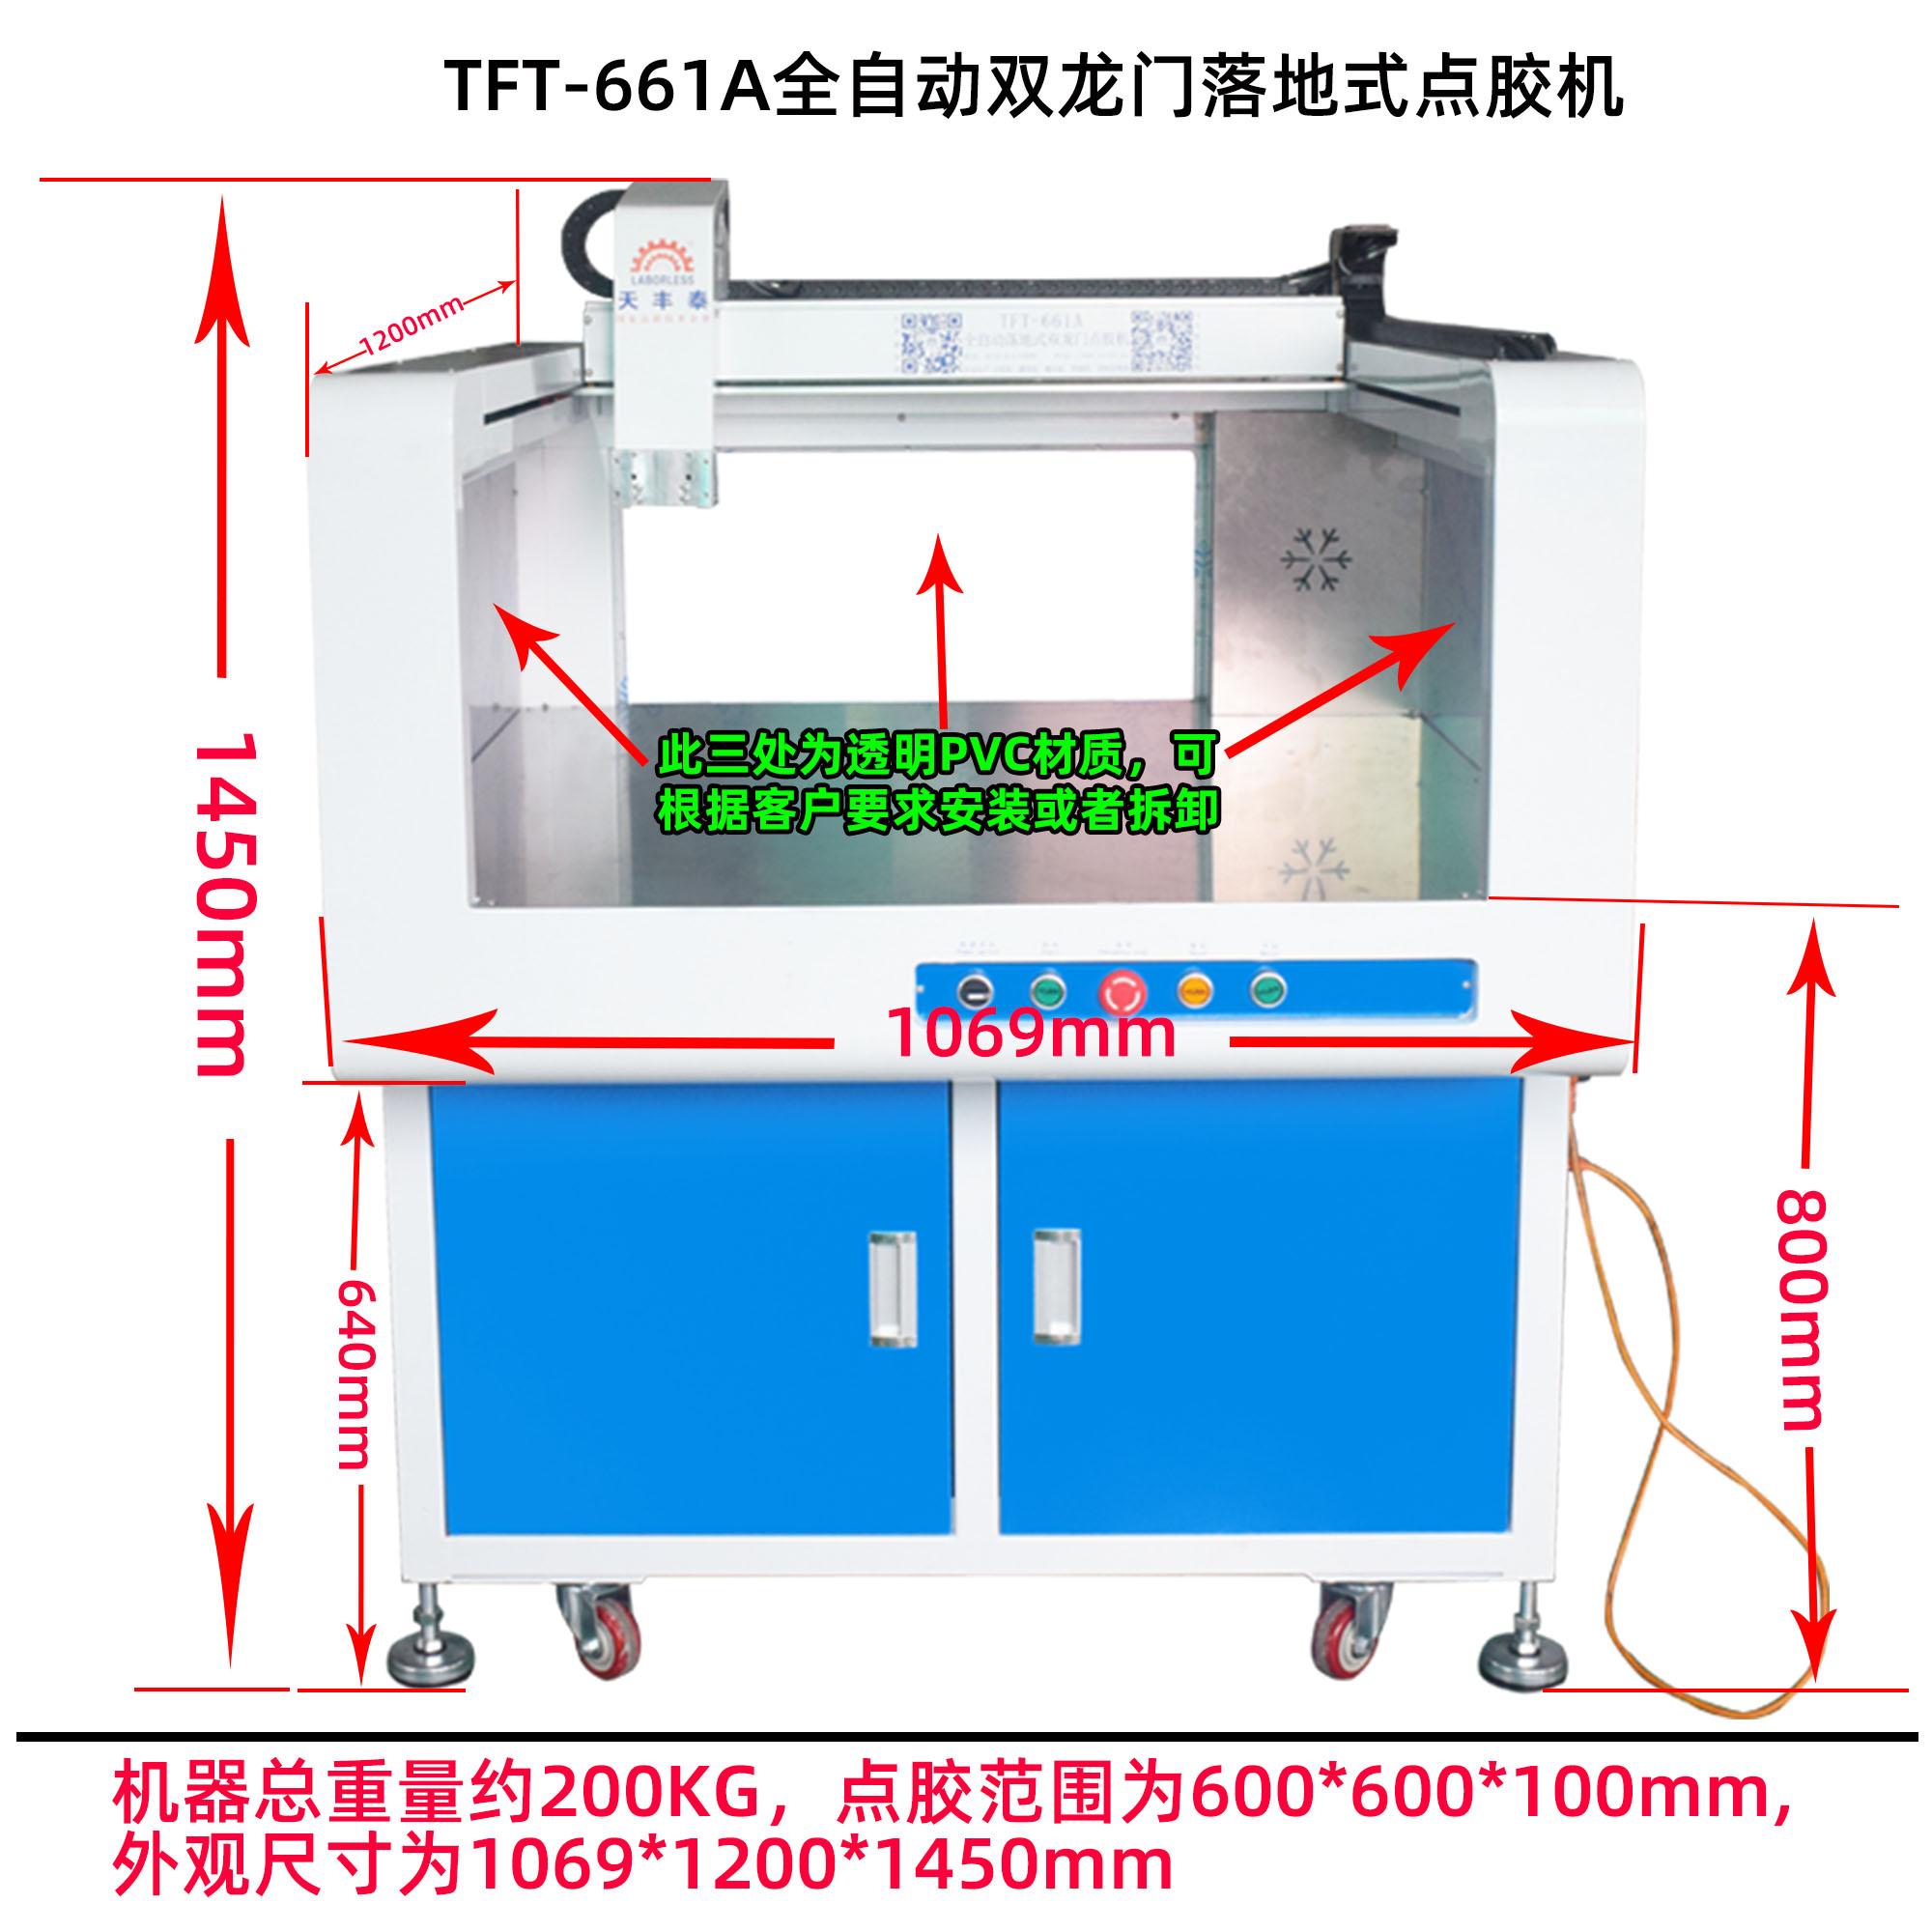 TFT-661A全自动双龙门落地式点胶机尺寸图